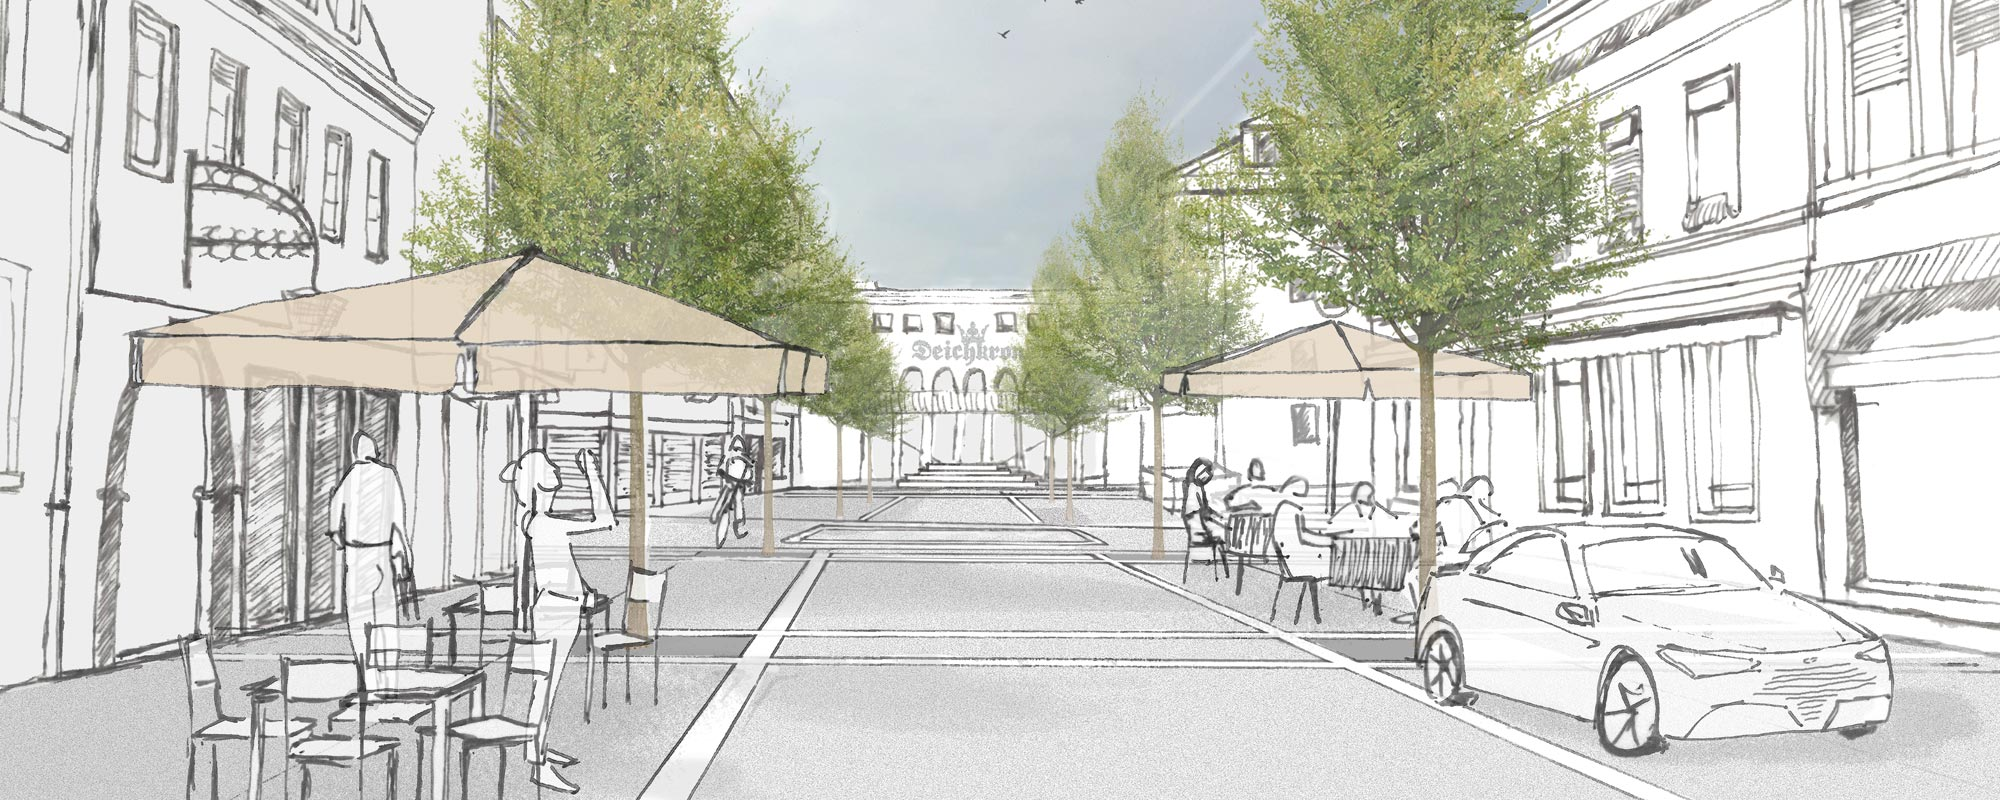 Umgestaltung Marktstraße Neuwied_1